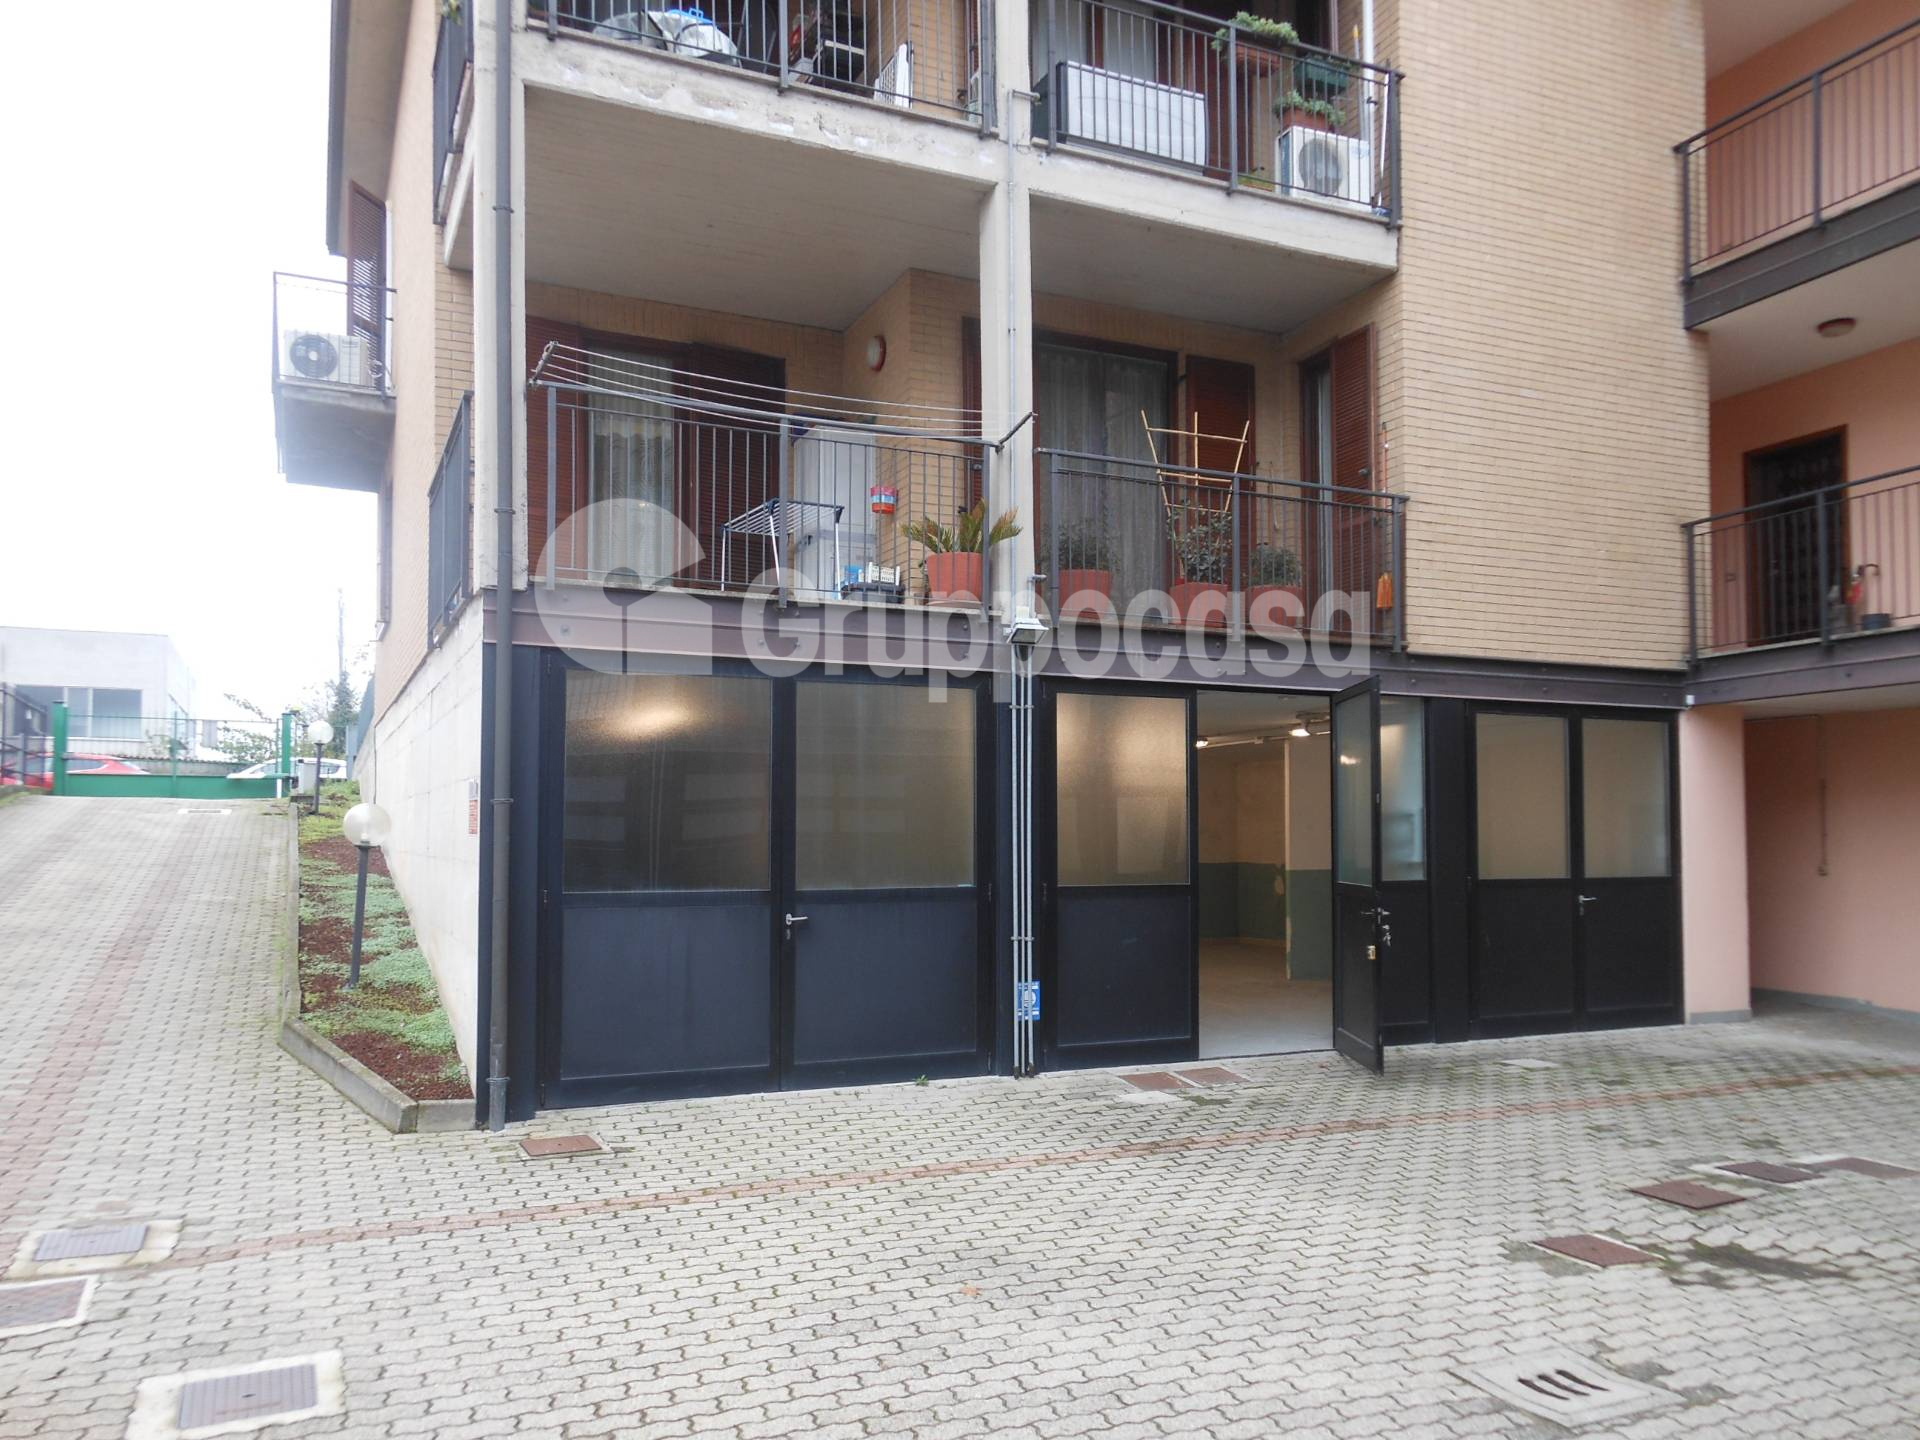 Negozio / Locale in vendita a Mesero, 9999 locali, prezzo € 70.000 | PortaleAgenzieImmobiliari.it